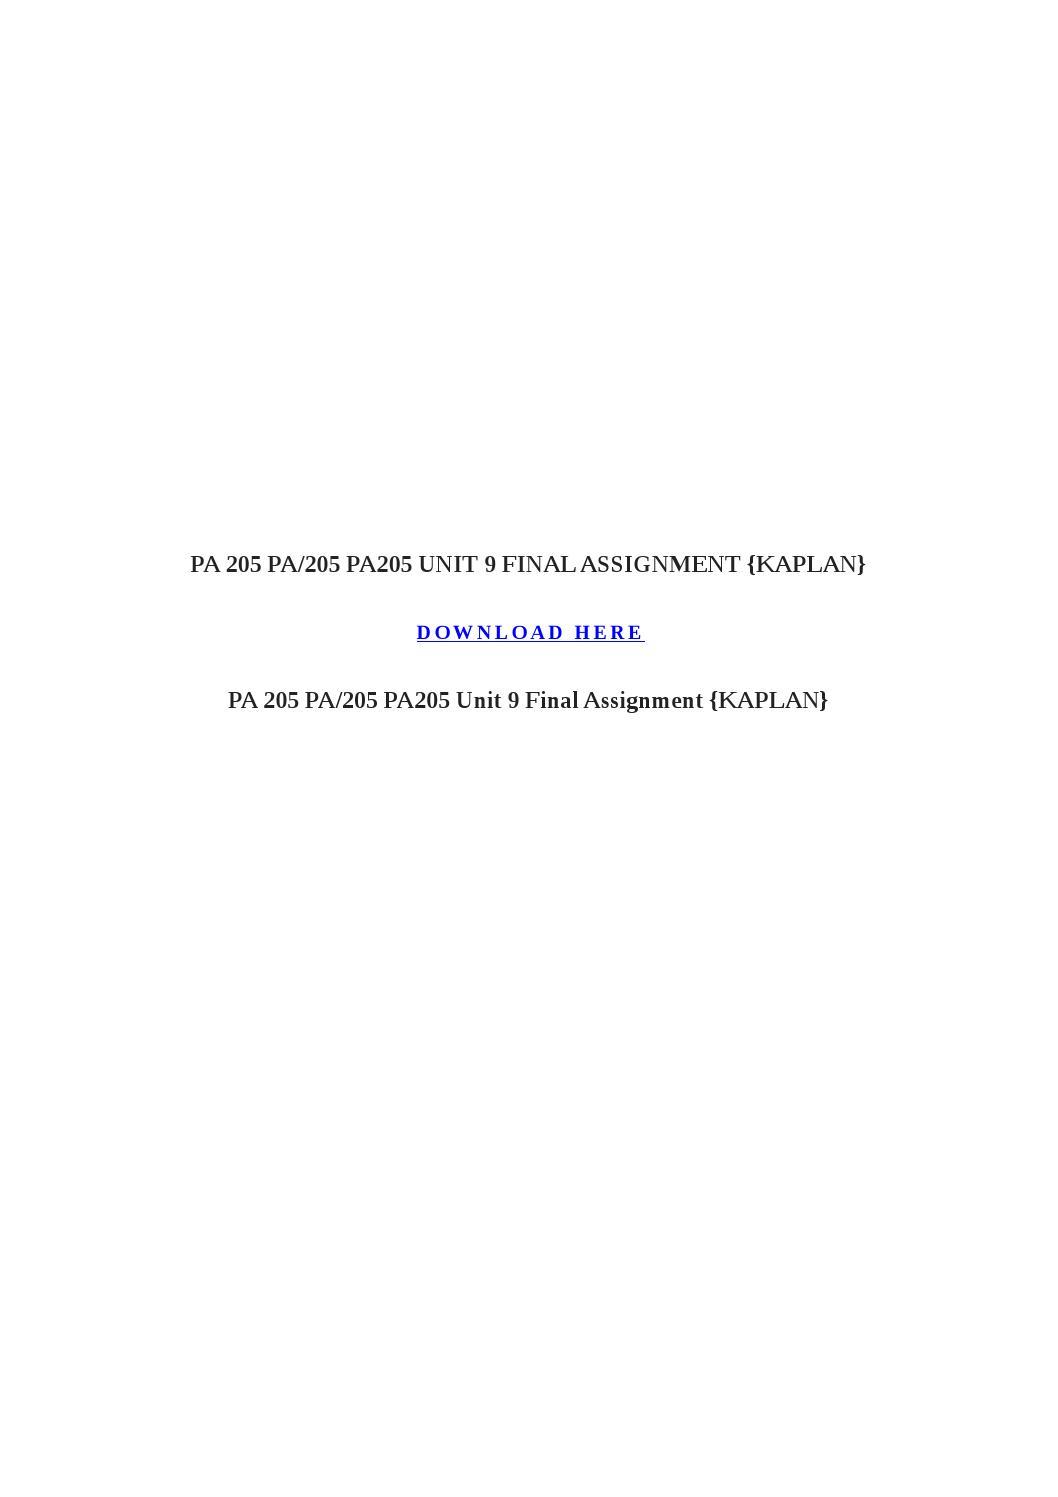 unit 9 final project It299 it/299 it 299 unit 9 final project school of information technology -{kaplan.